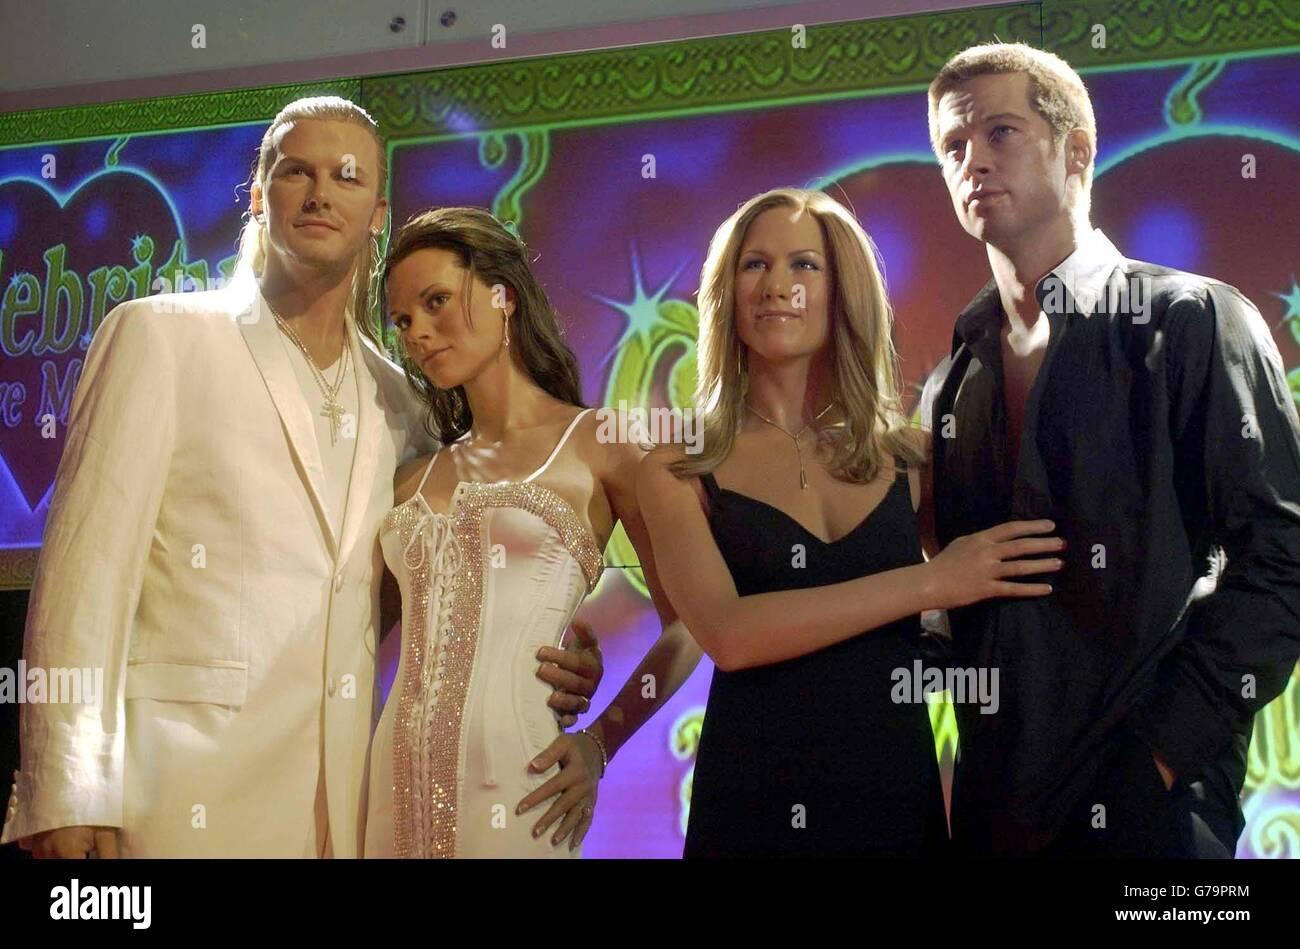 SHOWBIZ Aniston 3 - Stock Image